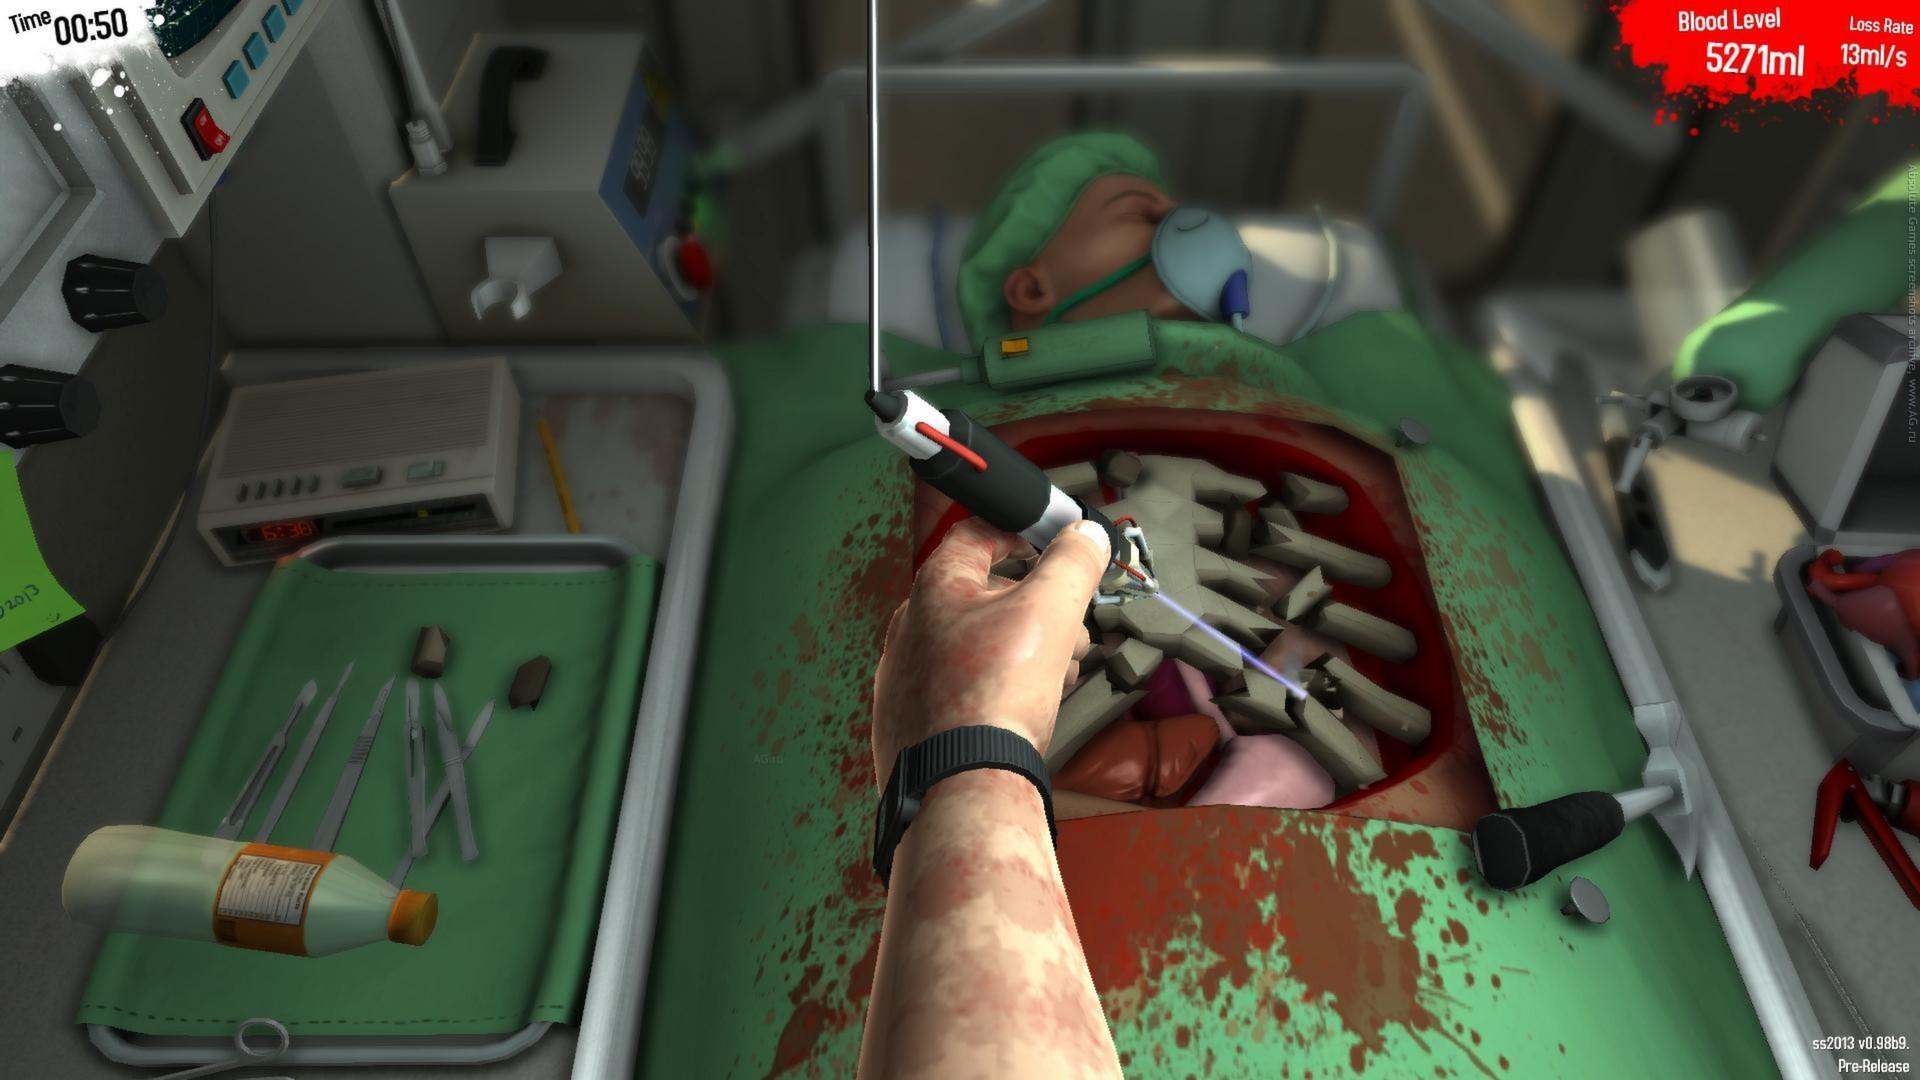 скачать через торрент игру симулятор хирурга